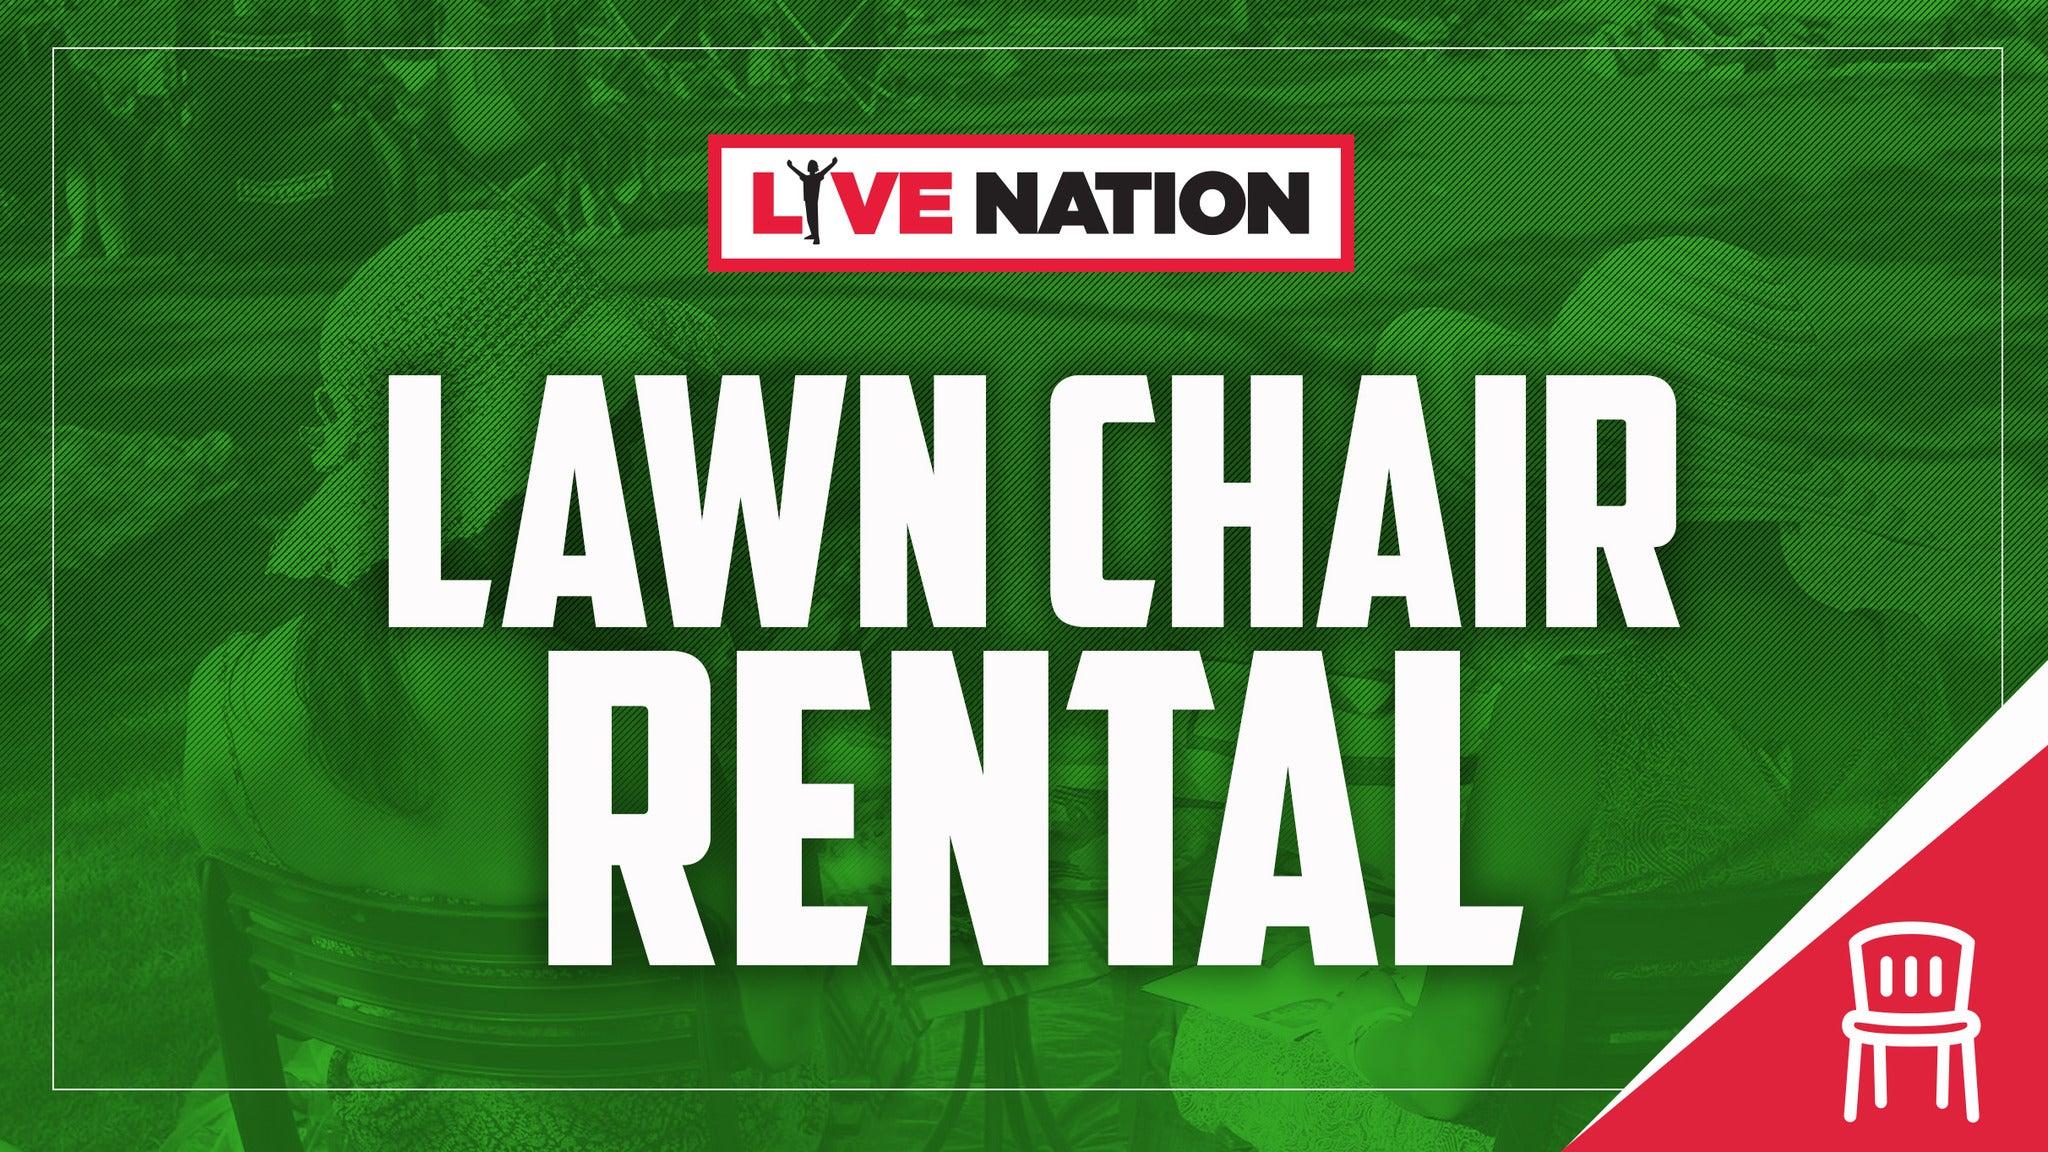 Lawn Chair Rental: Dave Matthews Band